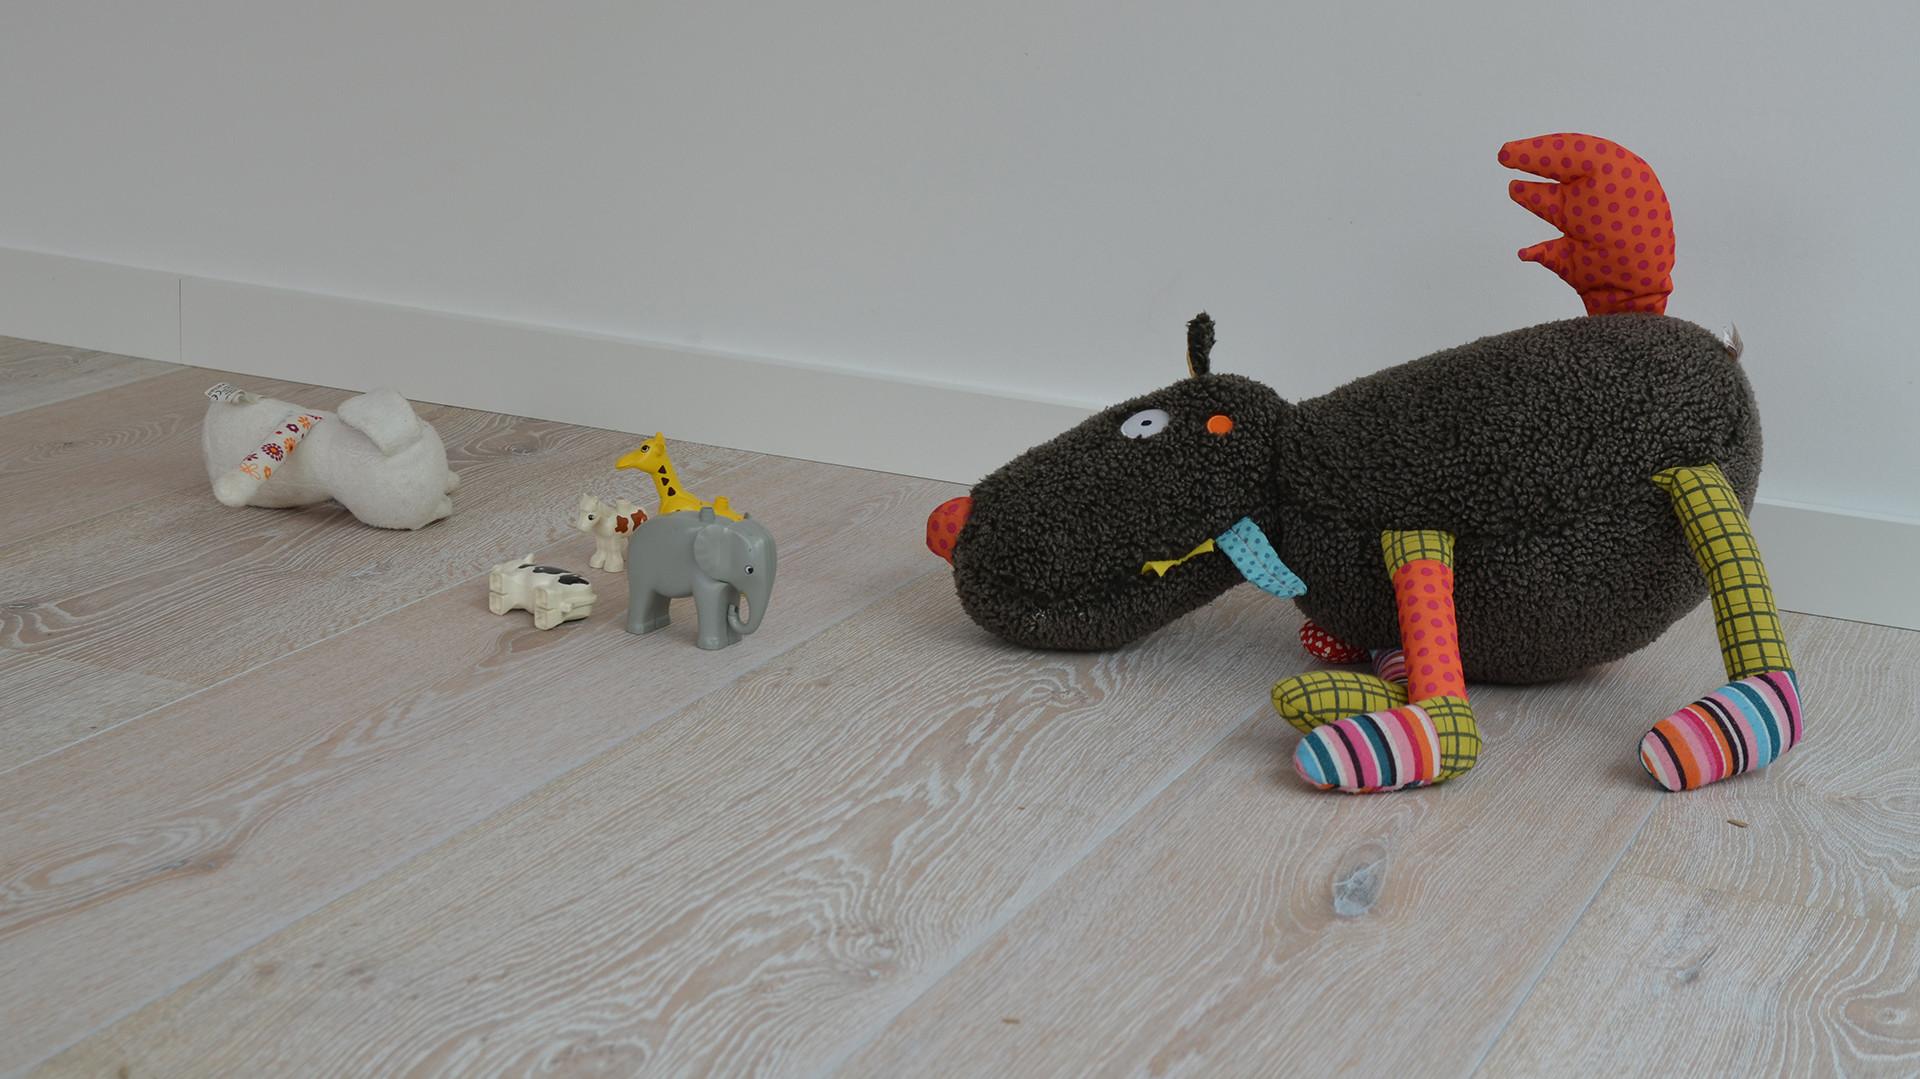 Heller Lindura-Holzboden auf dem Spielzeug und Kuscheltiere liegen